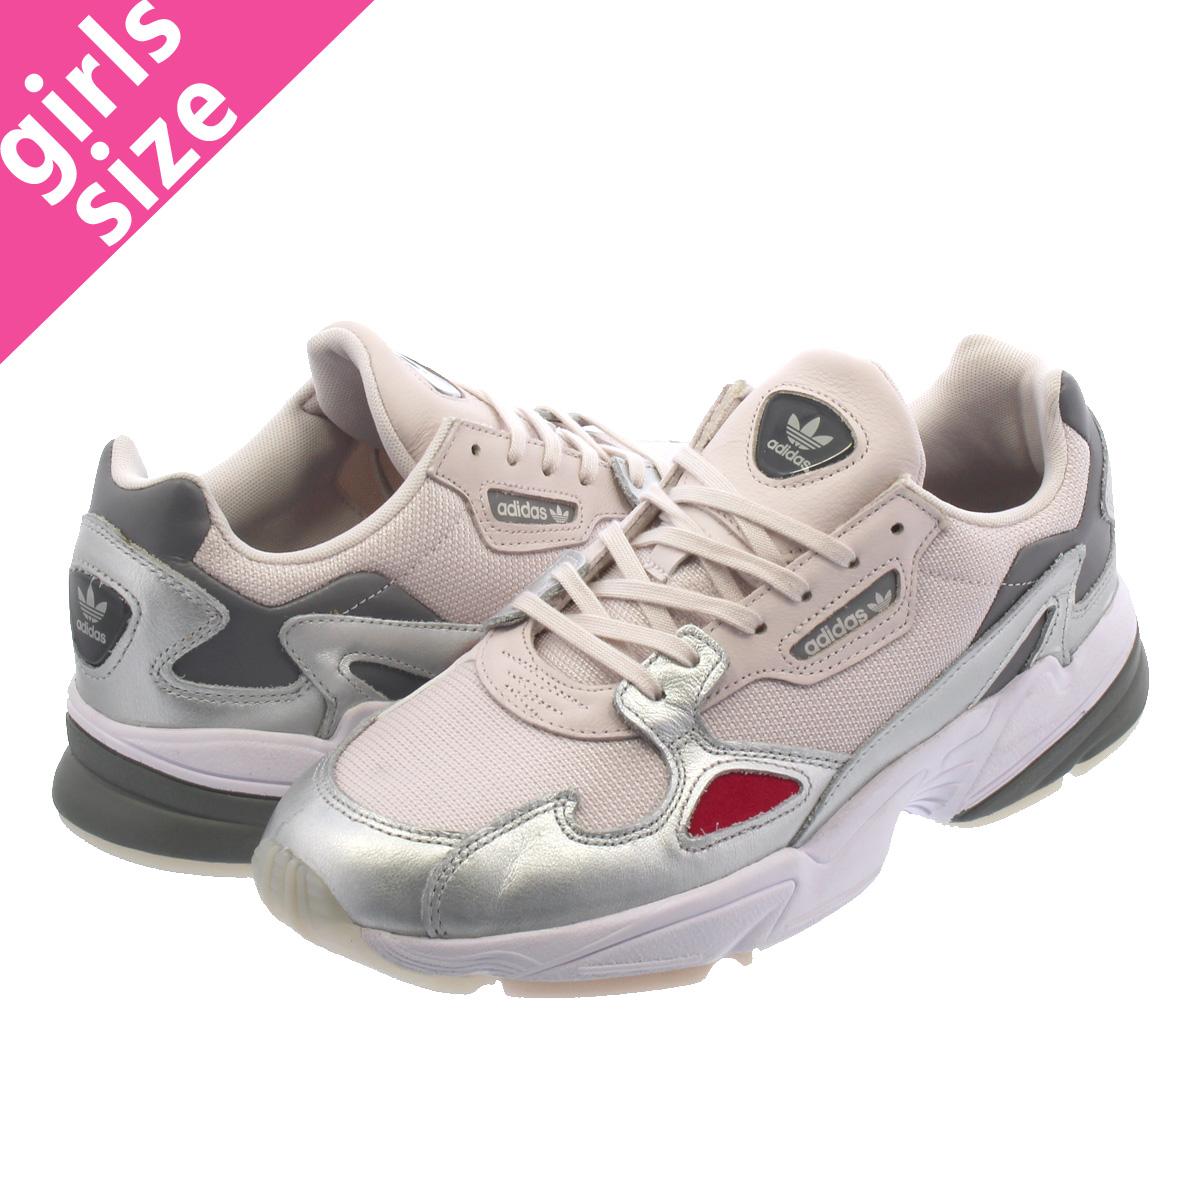 quality design 4eb08 cef53 adidas ADIDASFALCON W LL Adidas Adidas falcon women LL ORCHID TINTORCHID  TINTSILVER MET d96757